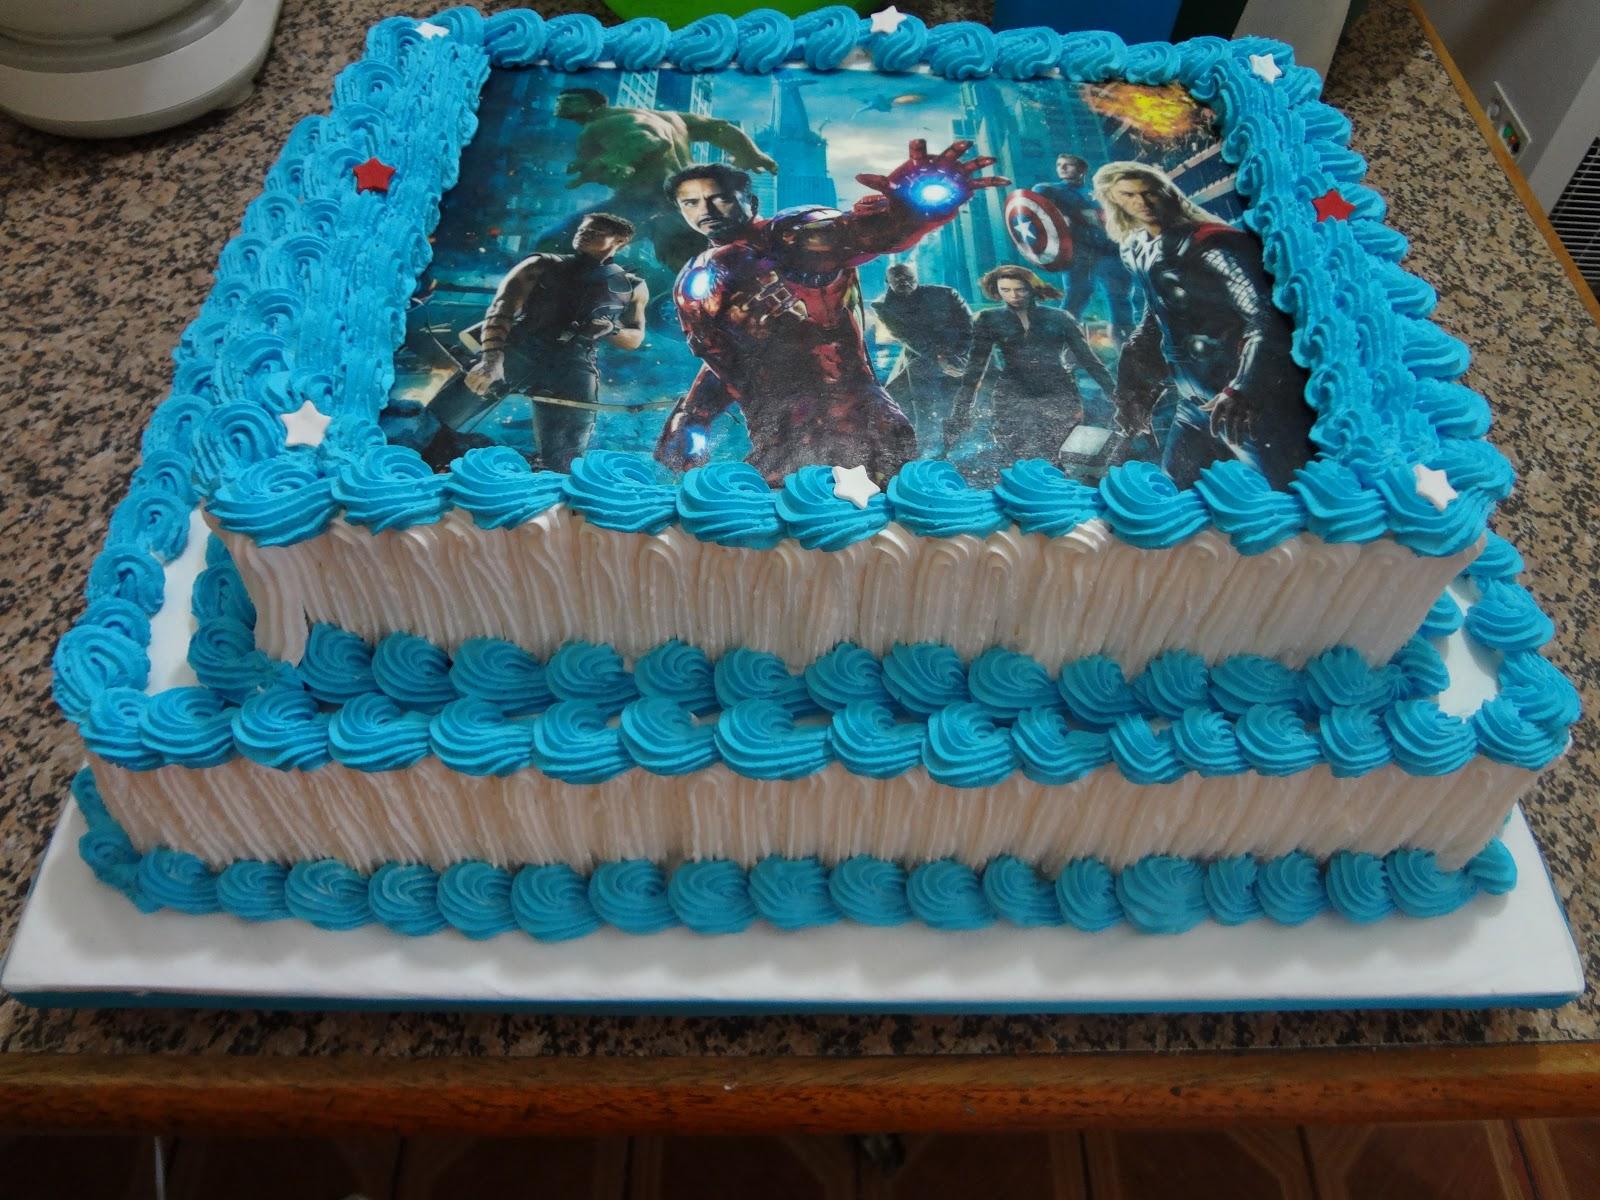 bolo de 2 andares de chantilly com decoração dos vingadores com